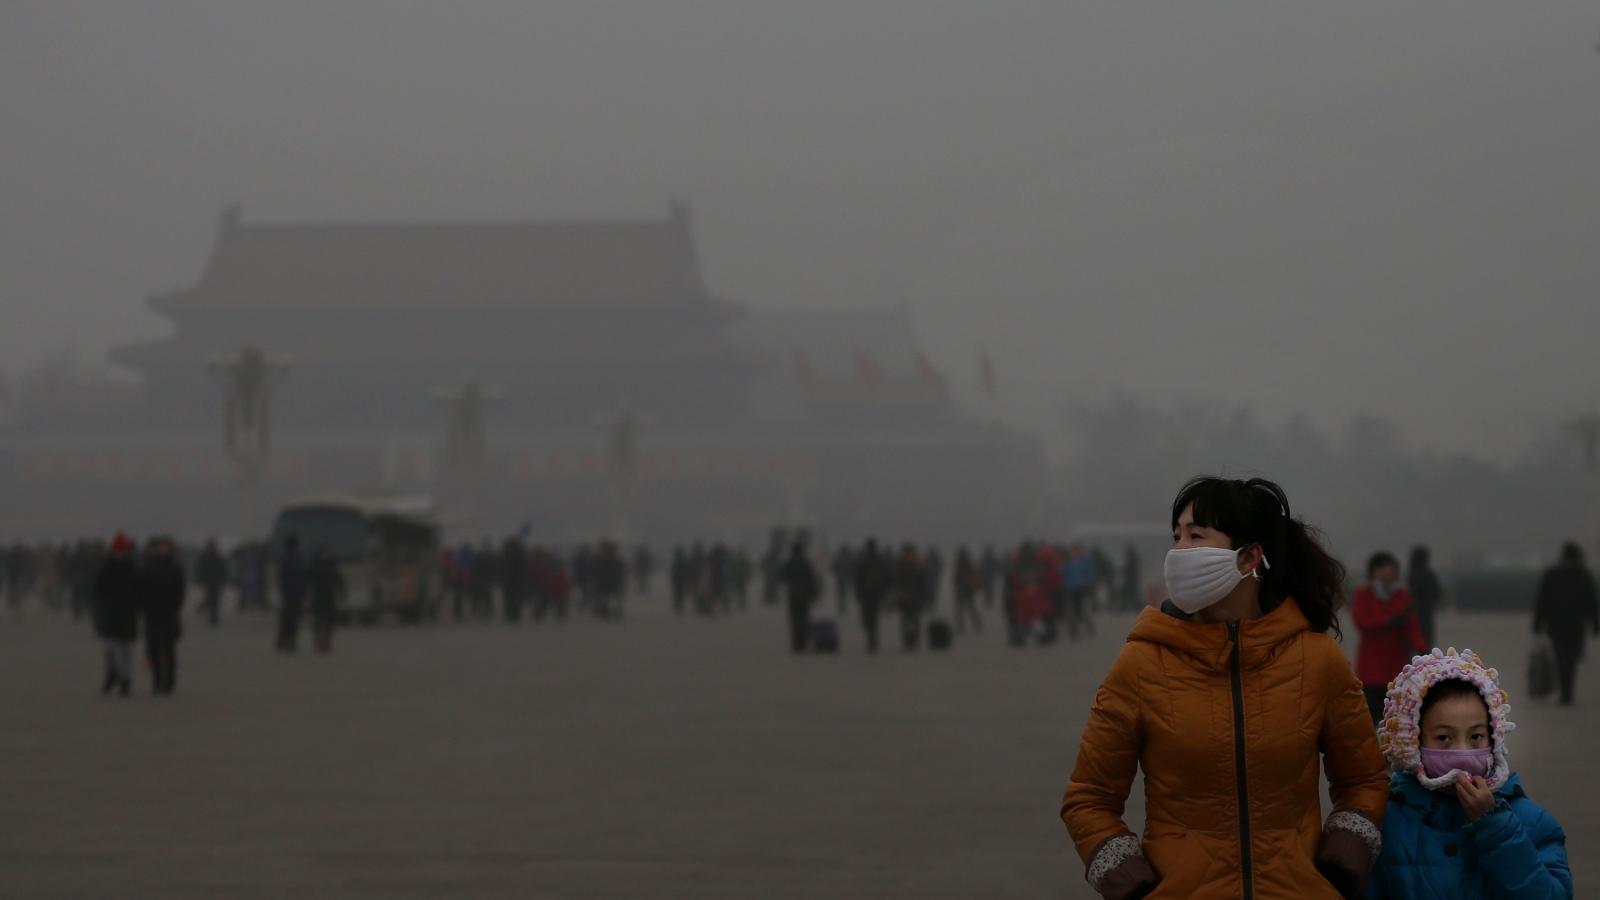 Trung Quốc ban hành cảnh báo vàng về ô nhiễm không khí tại Bắc Kinh